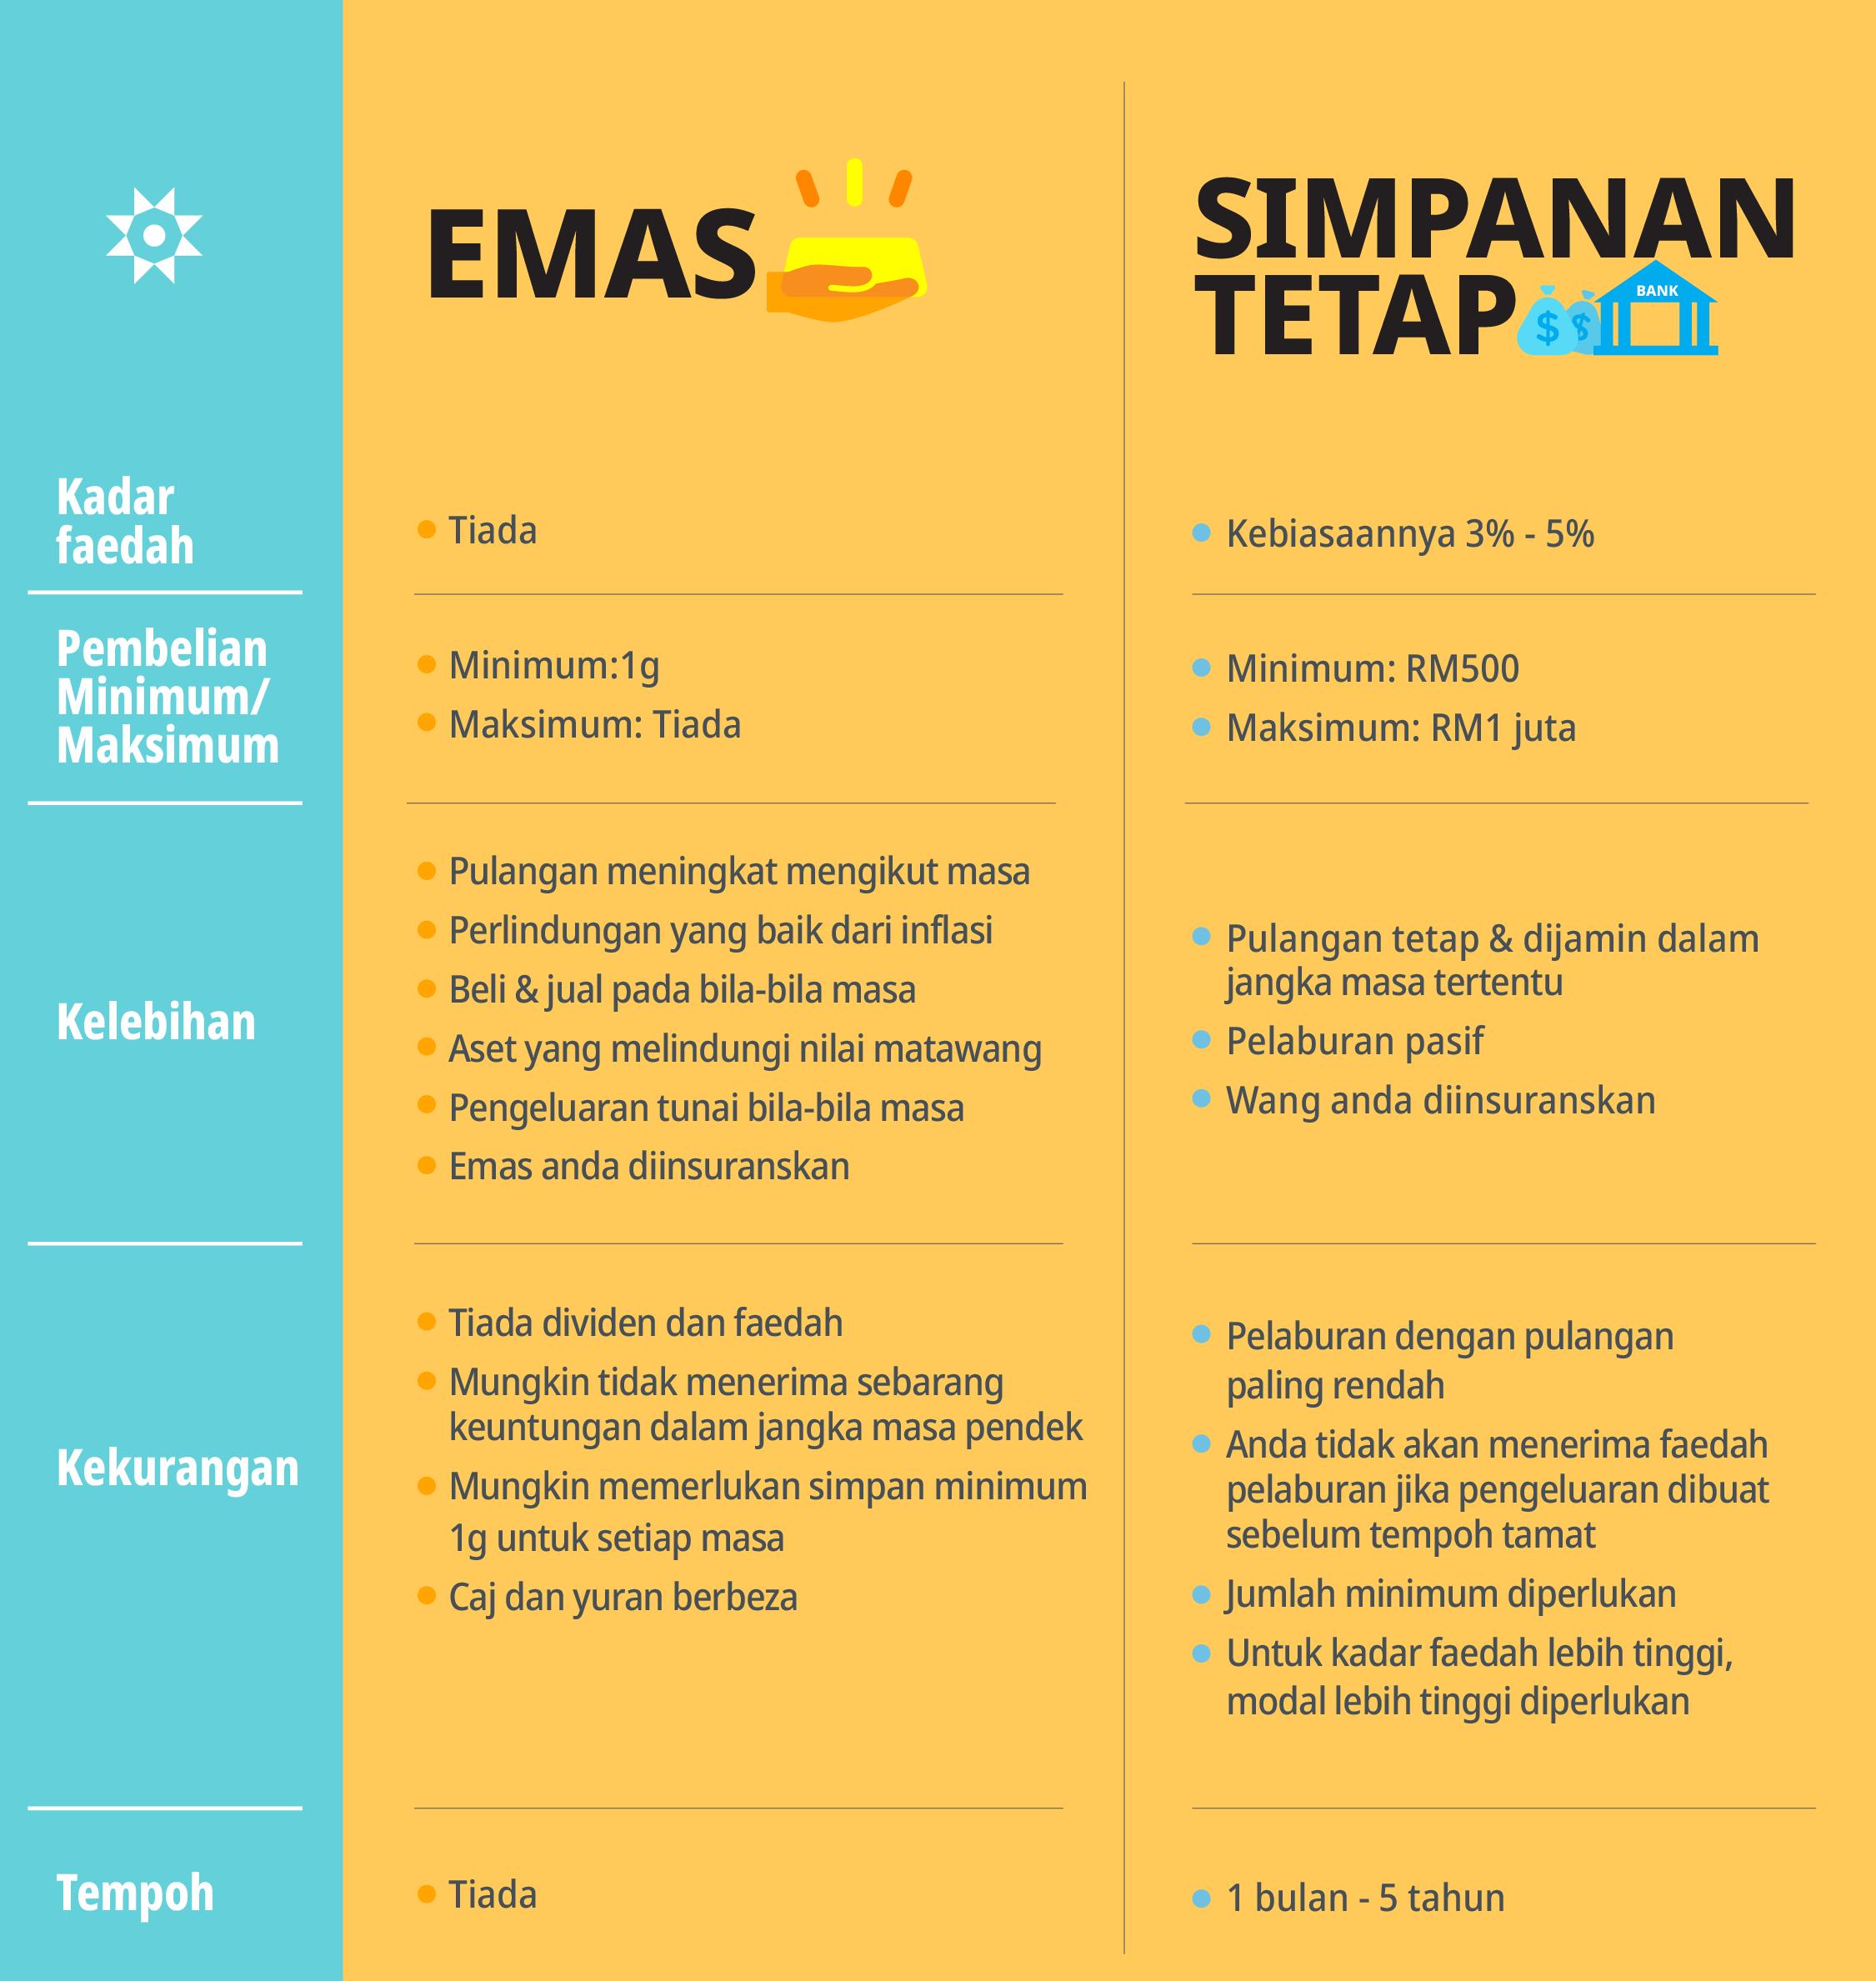 Infografik perbandingan emas dan simpanan tetap